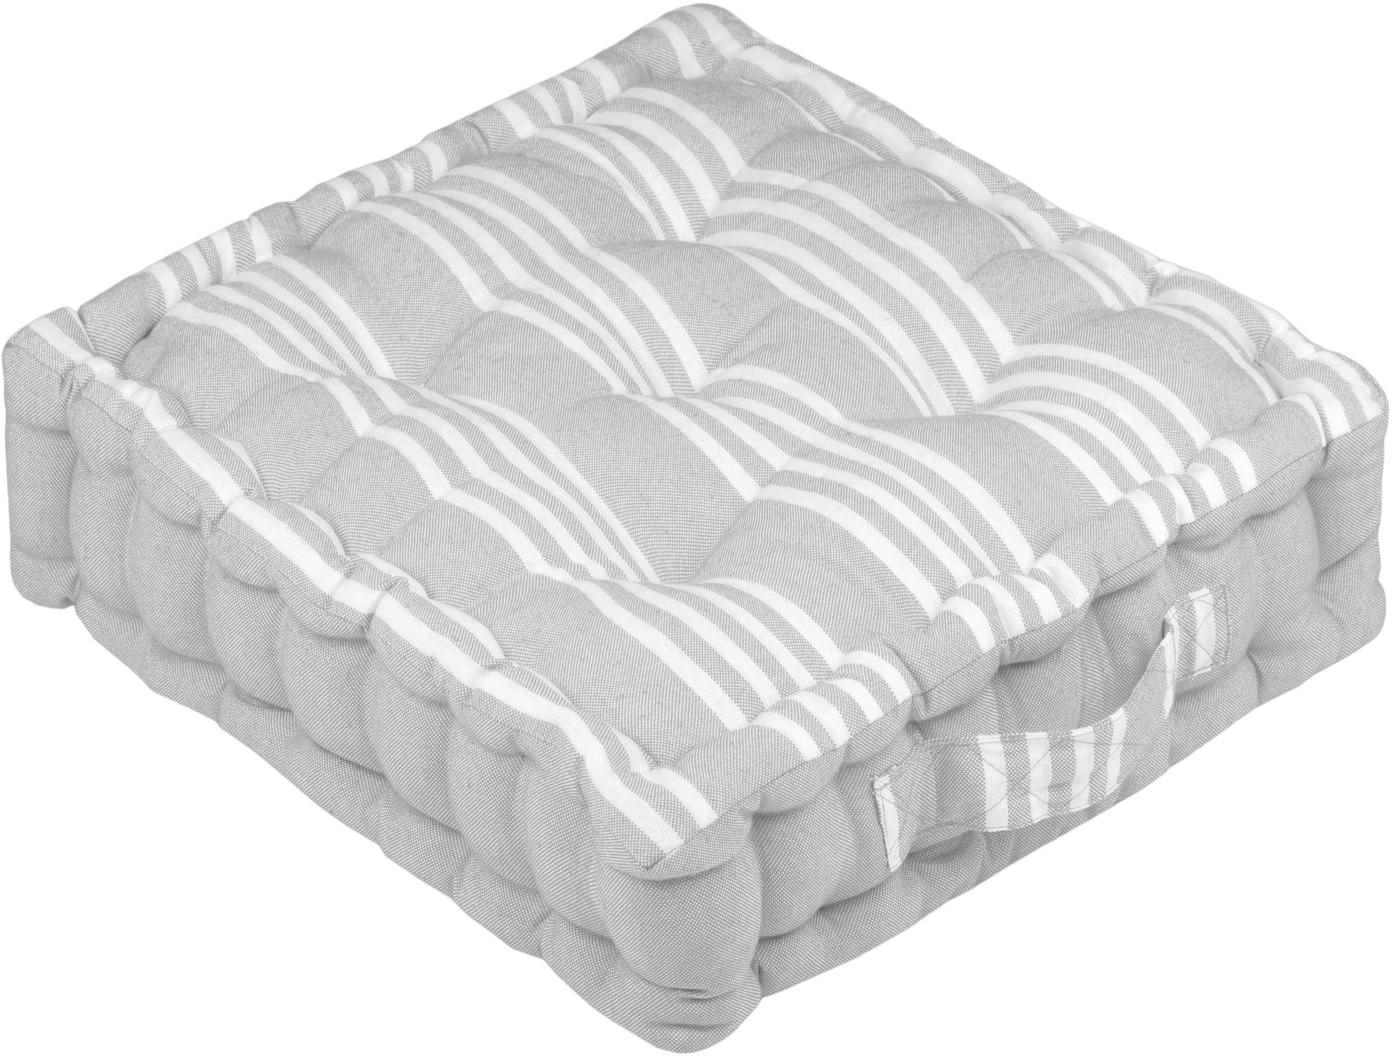 Mała poduszka podłogowa Mandelieu, Mieszanka bawełny, Jasnoszary, biały, S 45 x W 10 cm